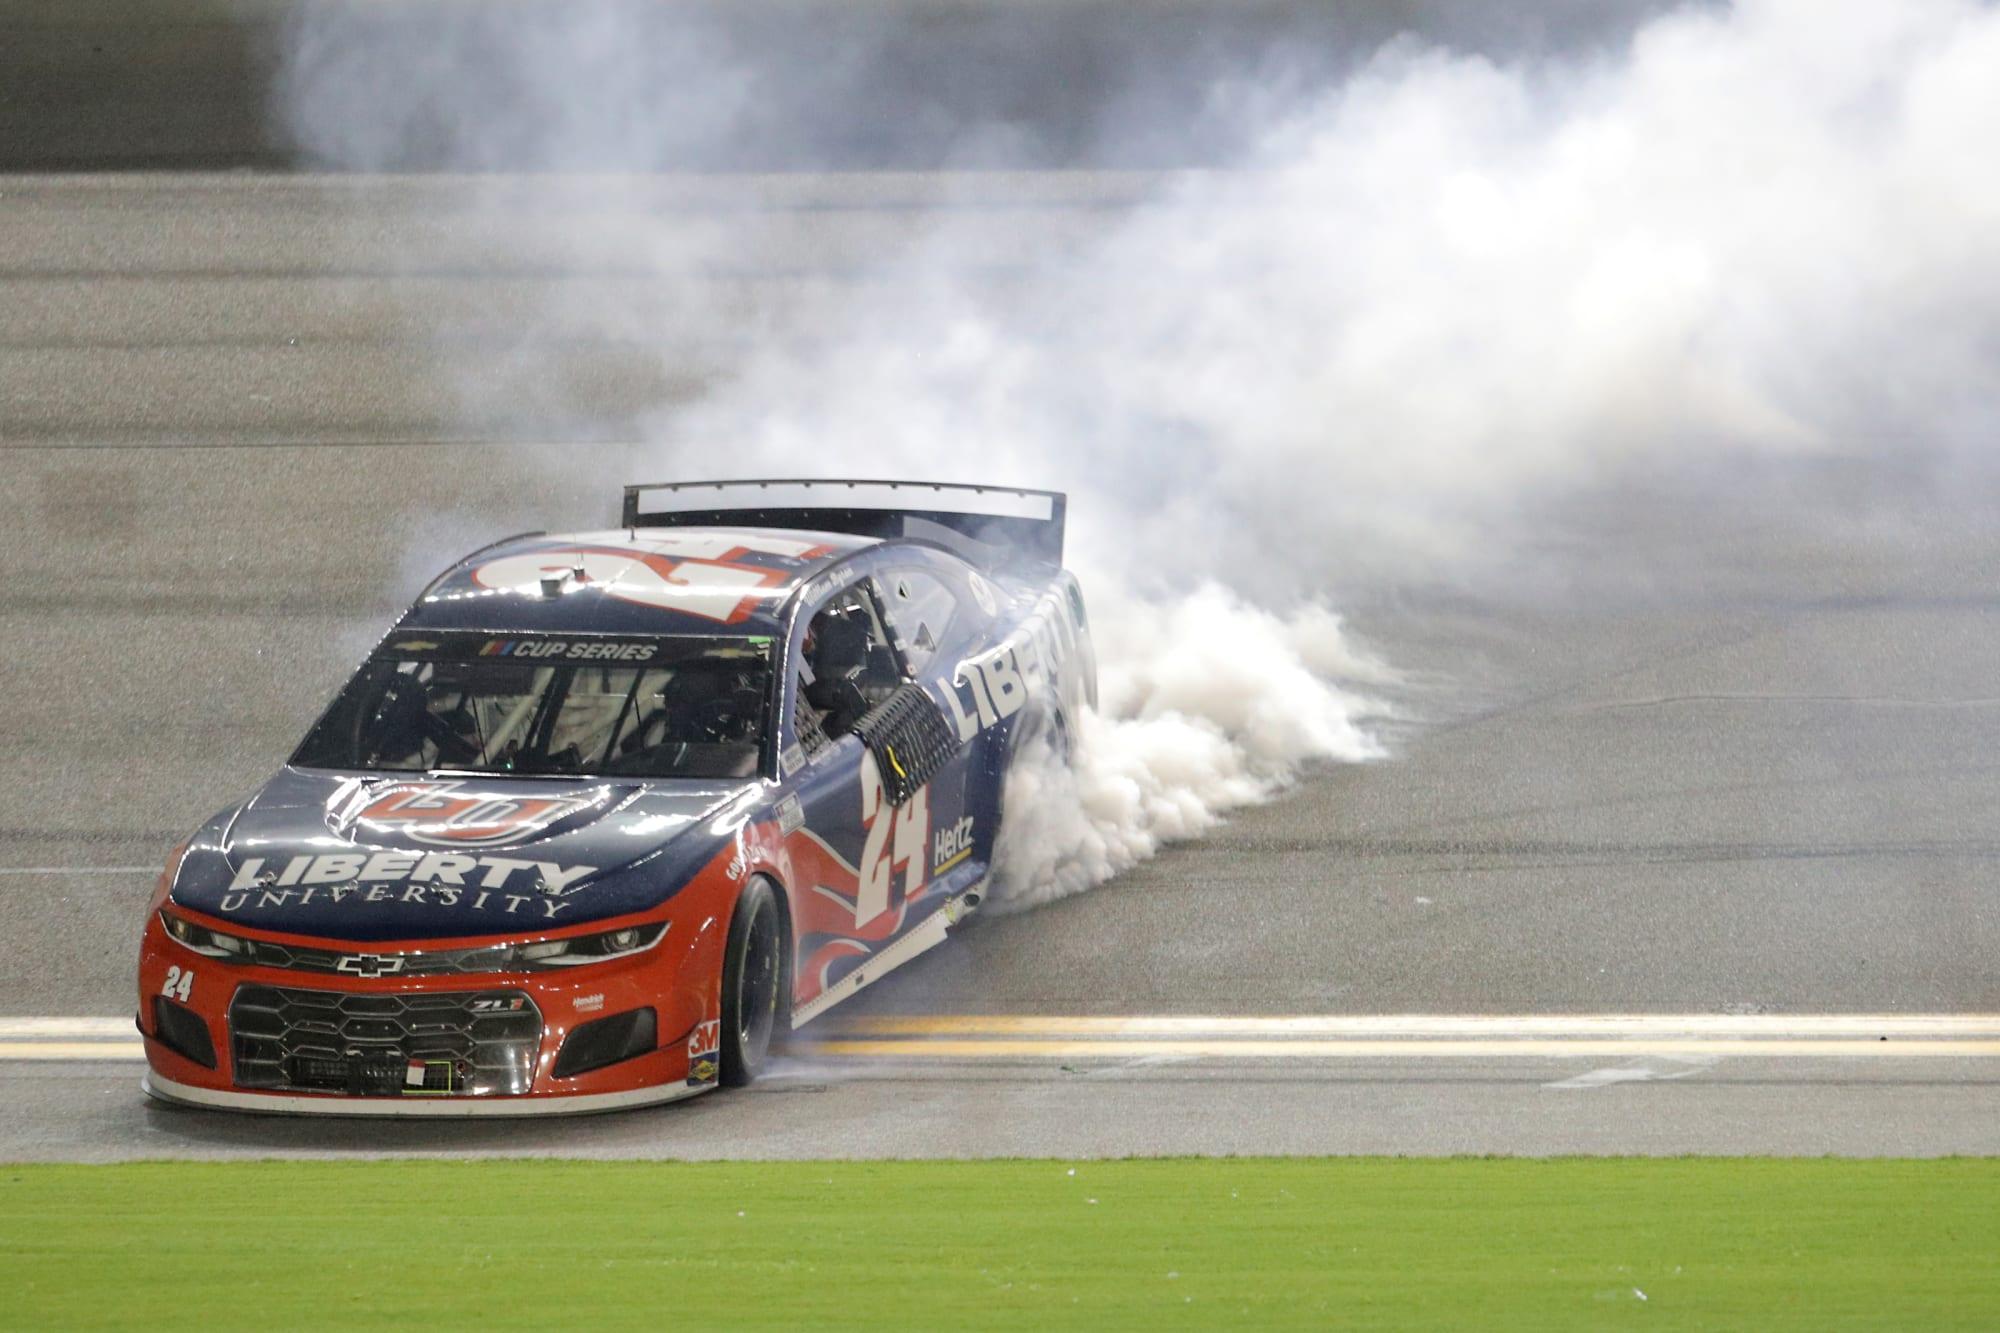 NASCAR: William Byron joins Jeff Gordon with Daytona win